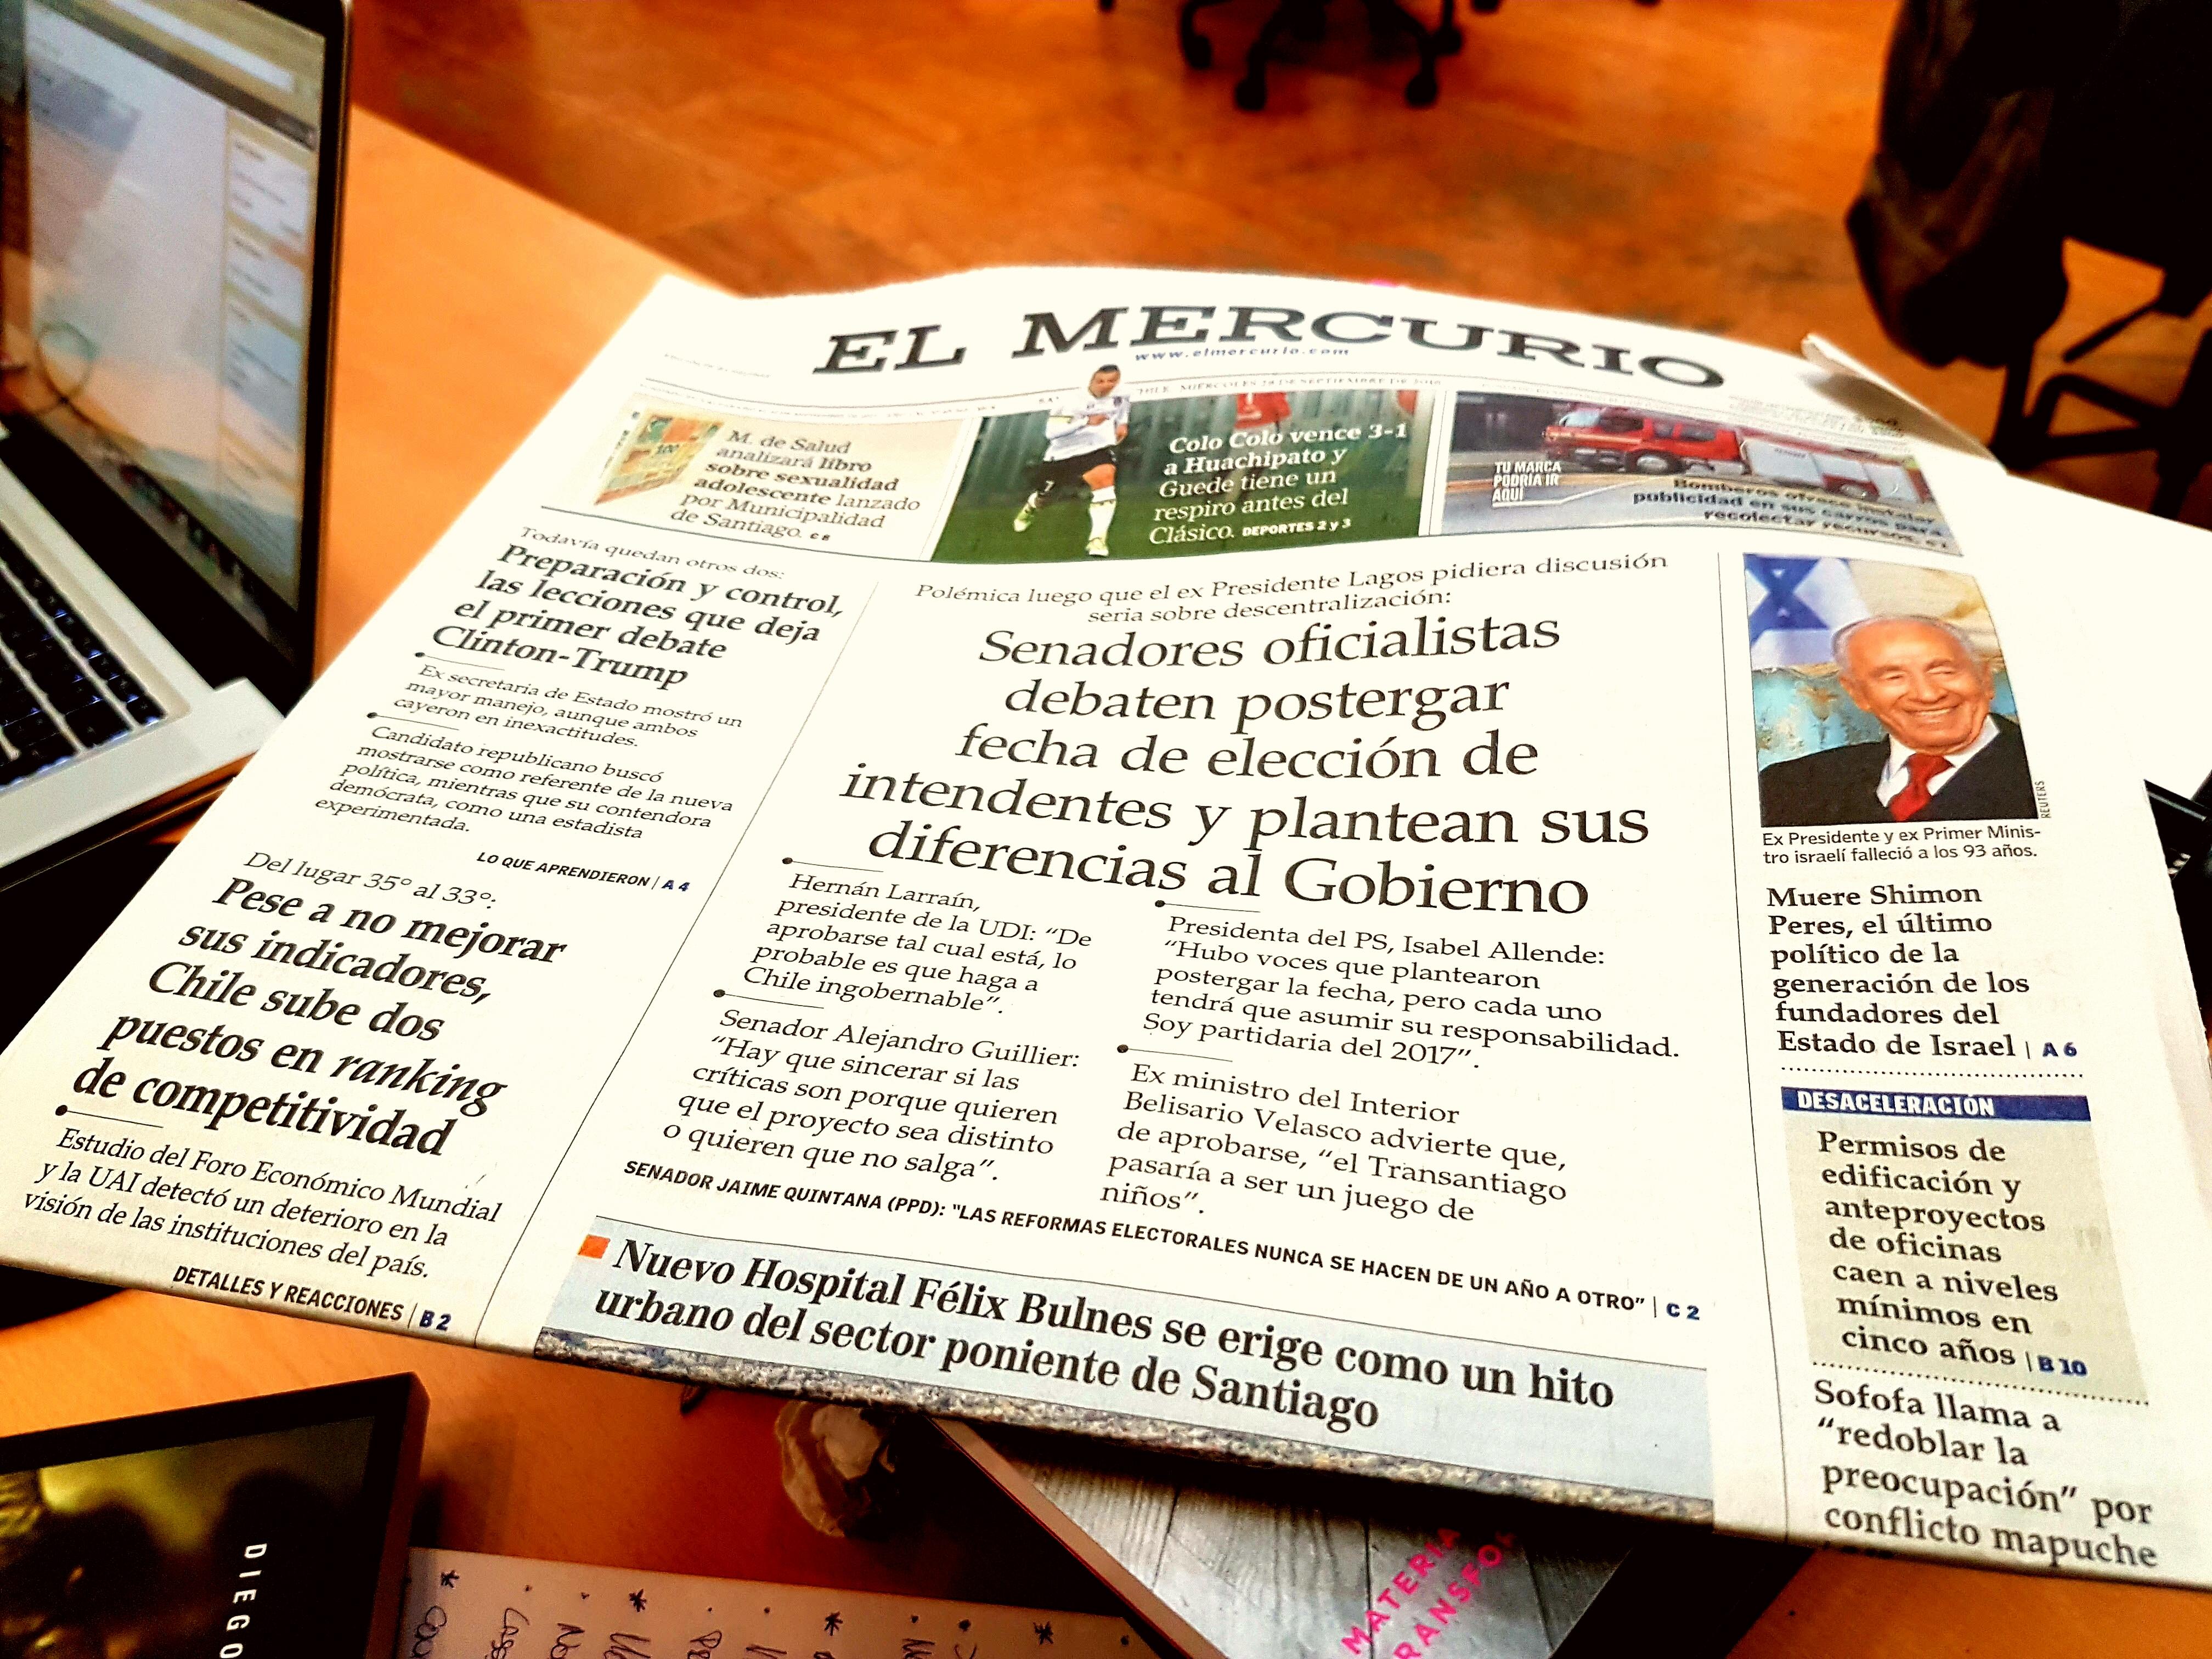 """""""Rogamos por su eterno descanso"""": los mensajes de los seguidores de Pinochet en el obituario de El Mercurio"""